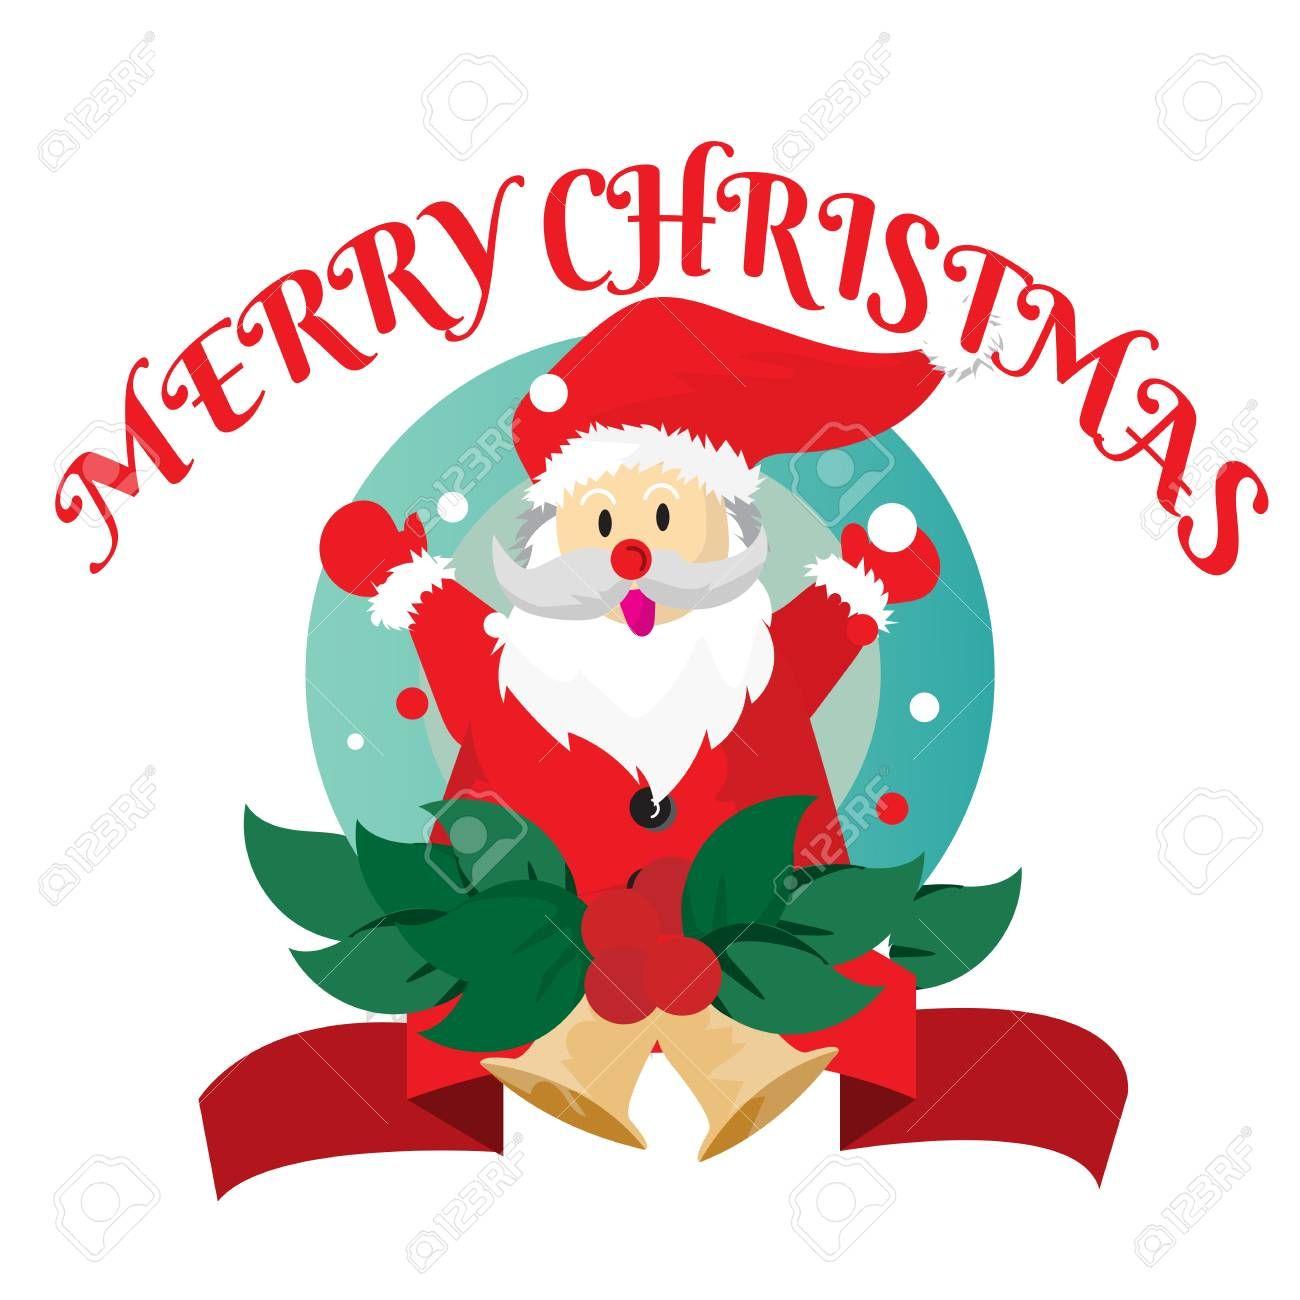 Santa claus Hello Merry Christmas Collection Logo icon